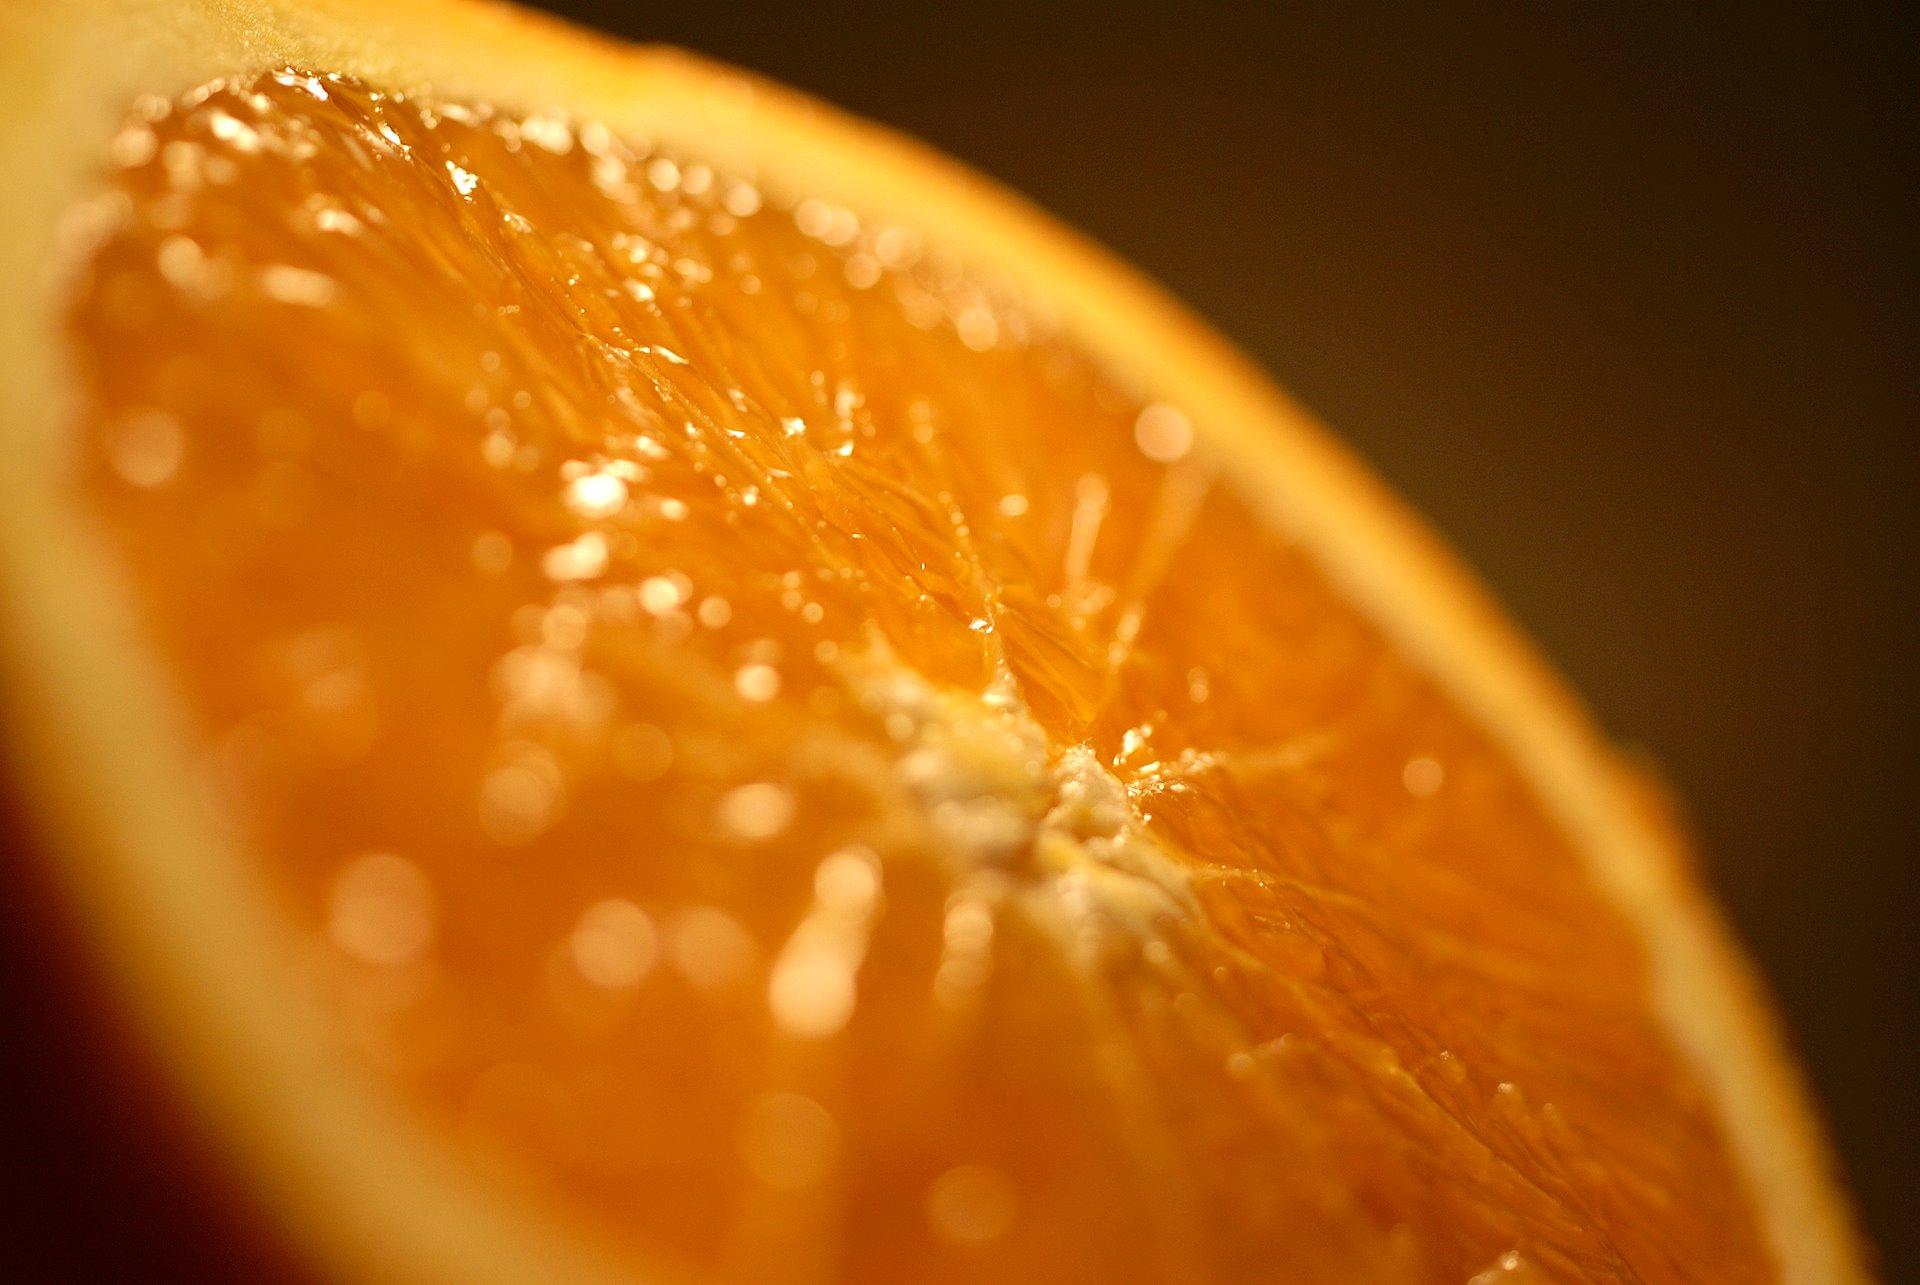 Апельсины, обои, фото, на рабочий стол